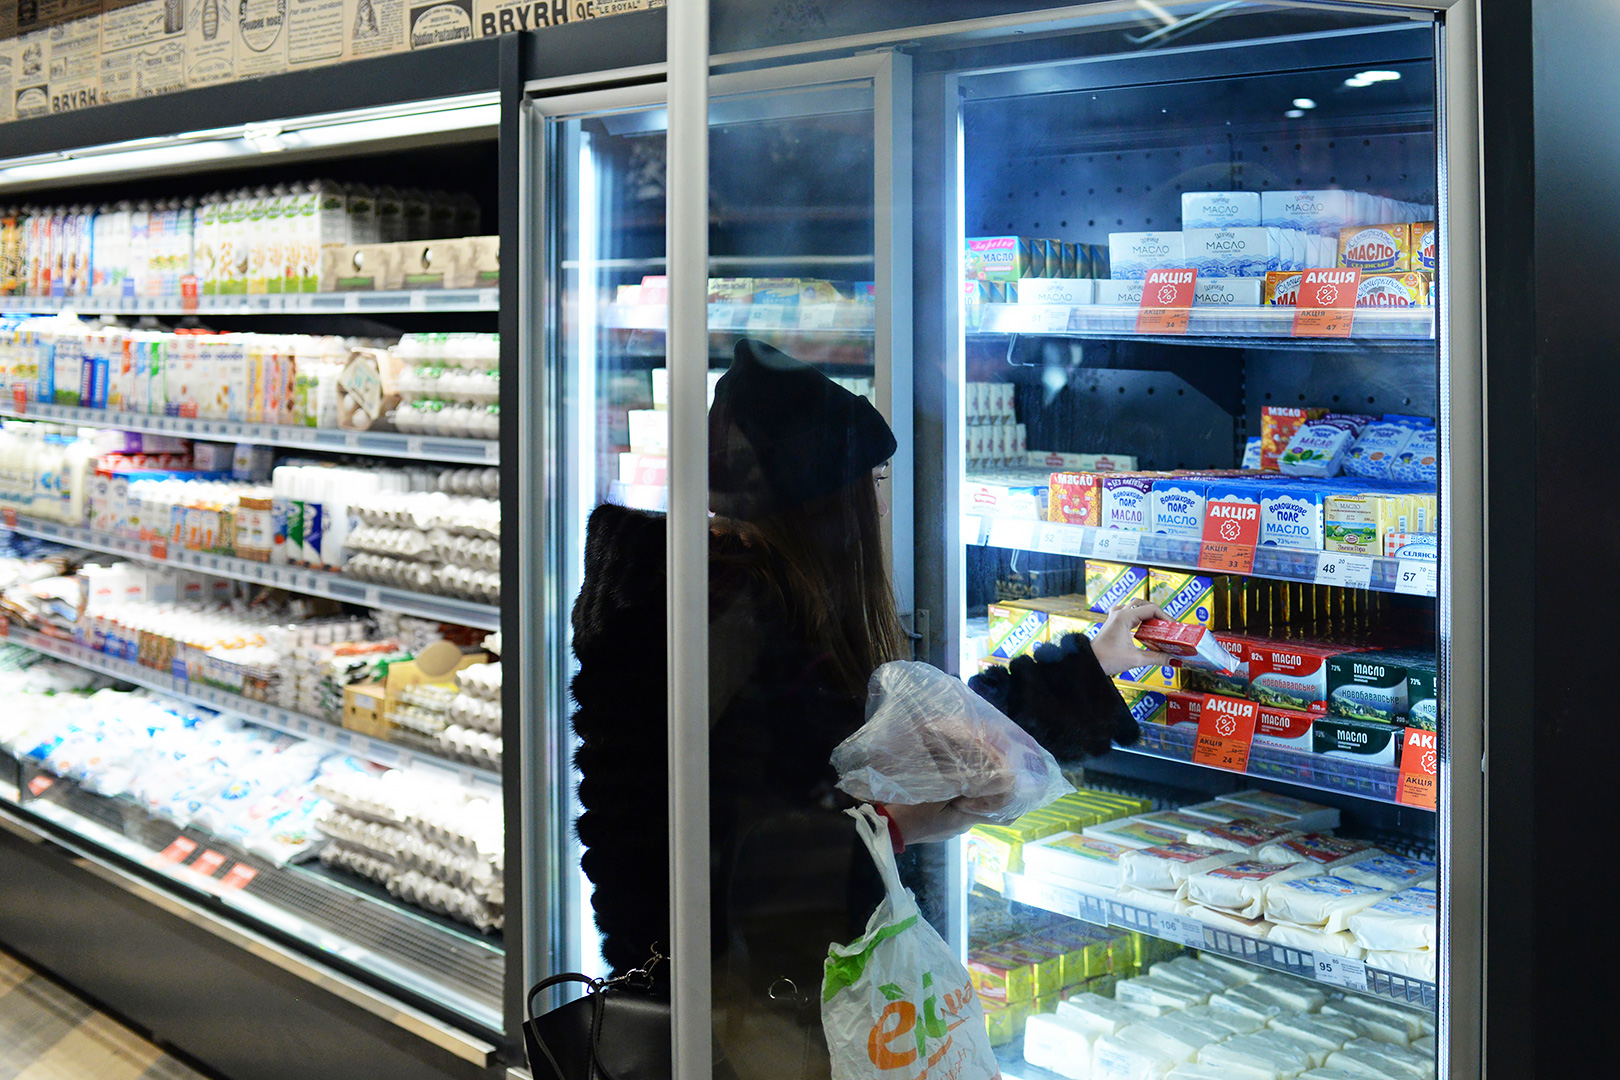 Multideck cabinets Indiana medium AV 085 MT O 210-DLM, Frozen foods units Indiana medium AV 085 LT D 210-DLA